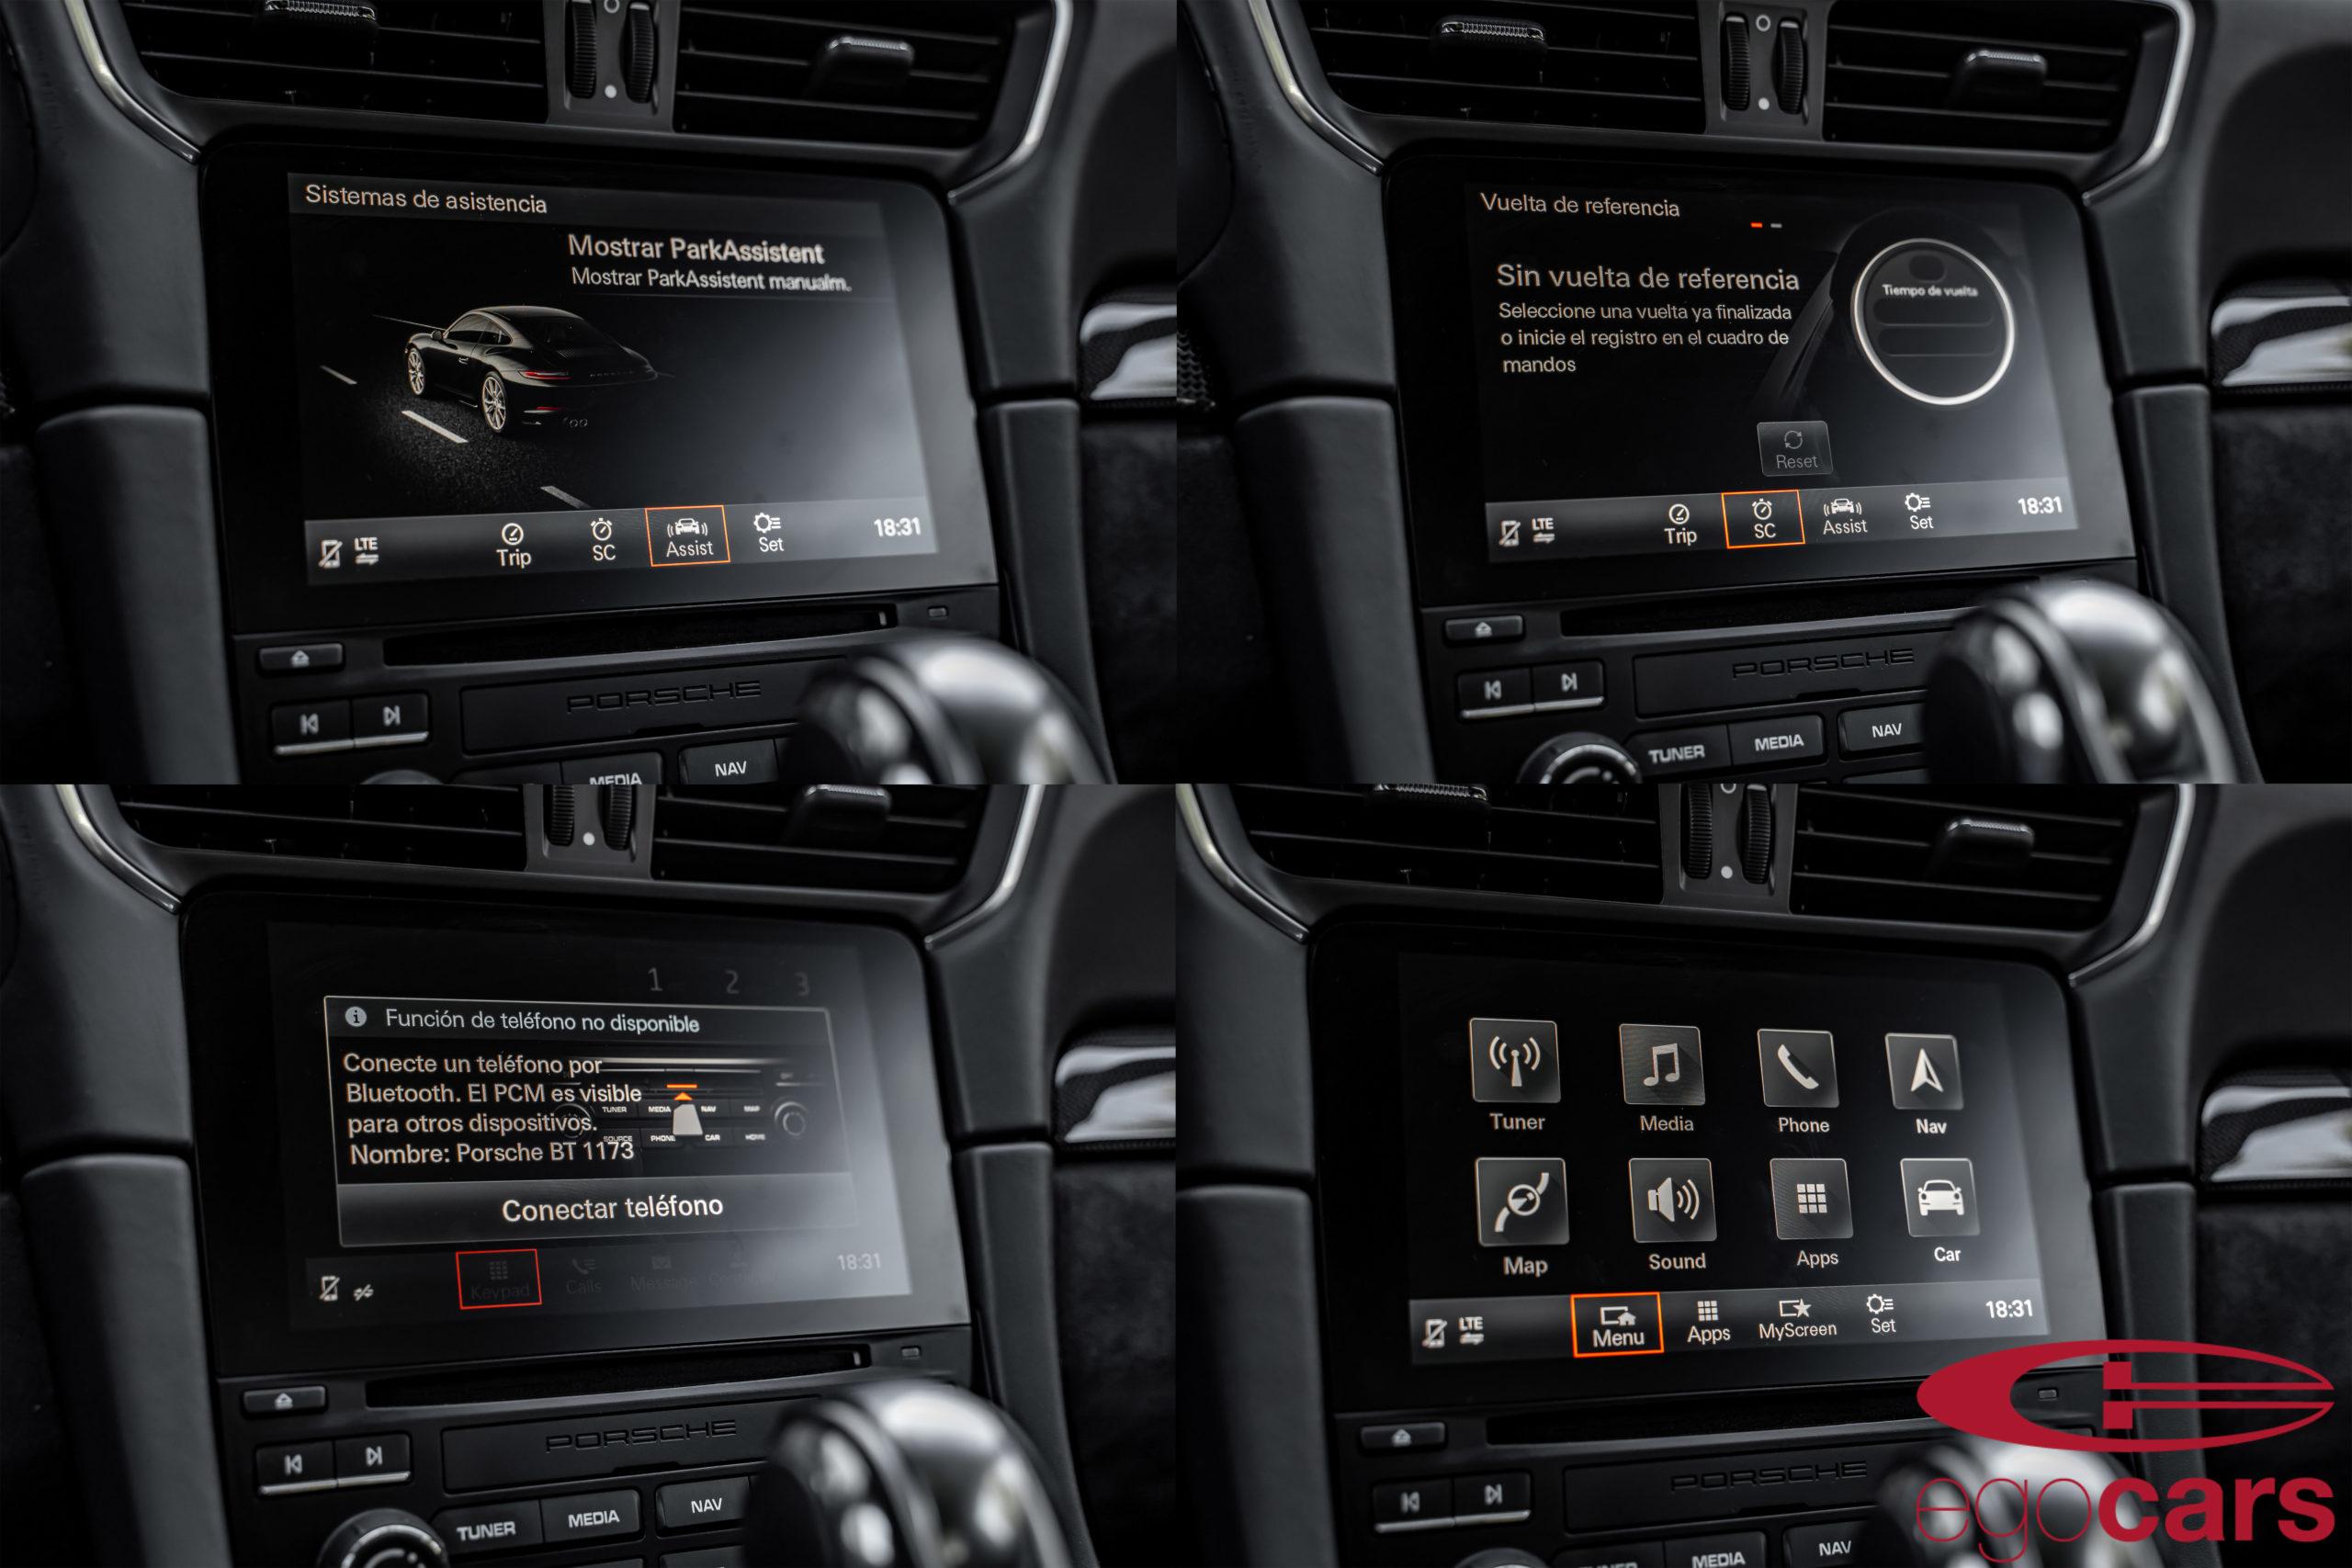 911 CARRERA 4 GTS NEGRO EGOCARS_35